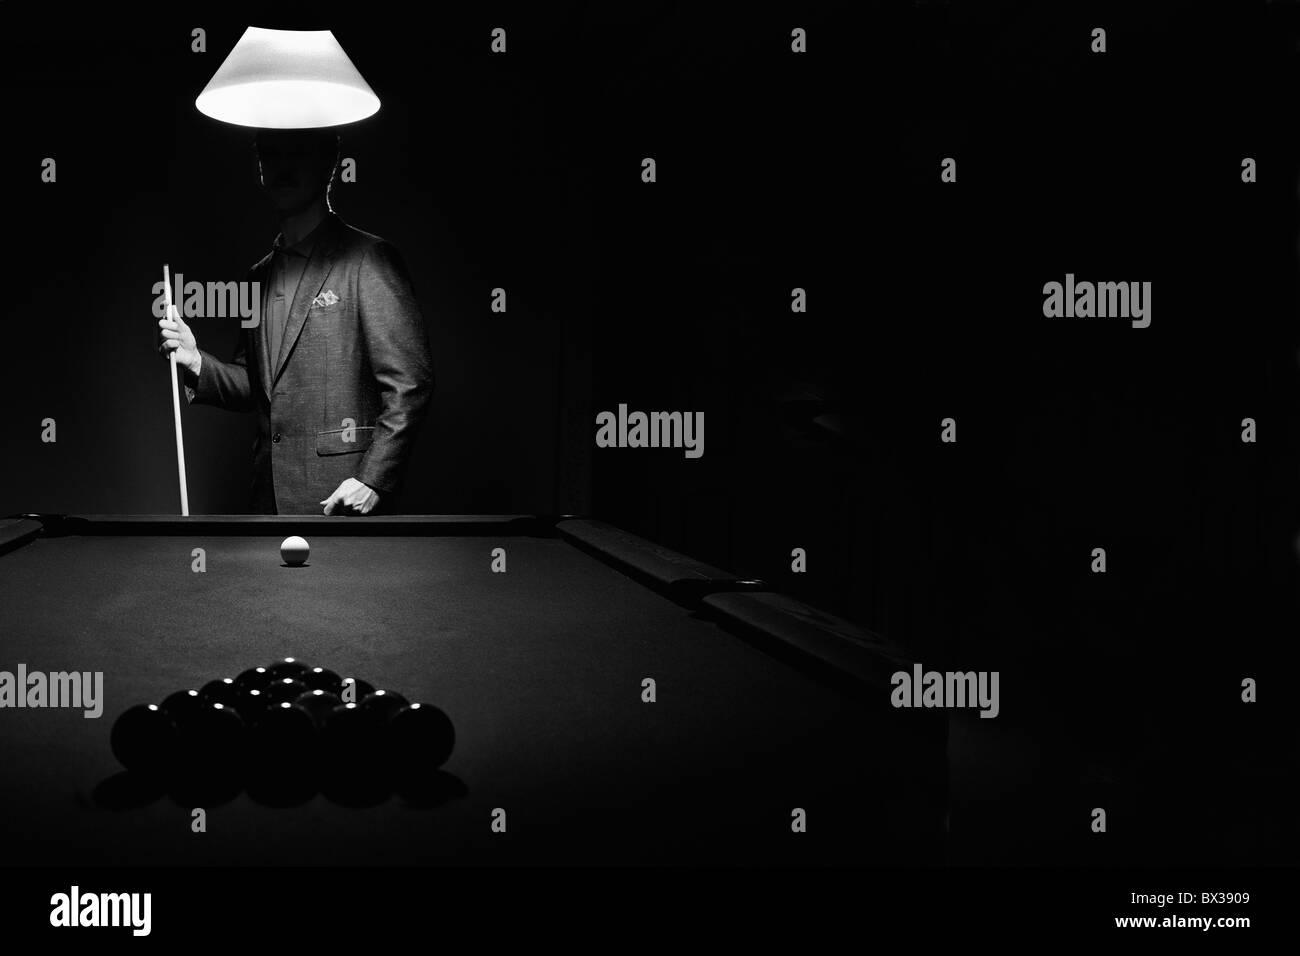 Billardspieler Geheimnis hinter Rack von Billardkugeln Stockbild